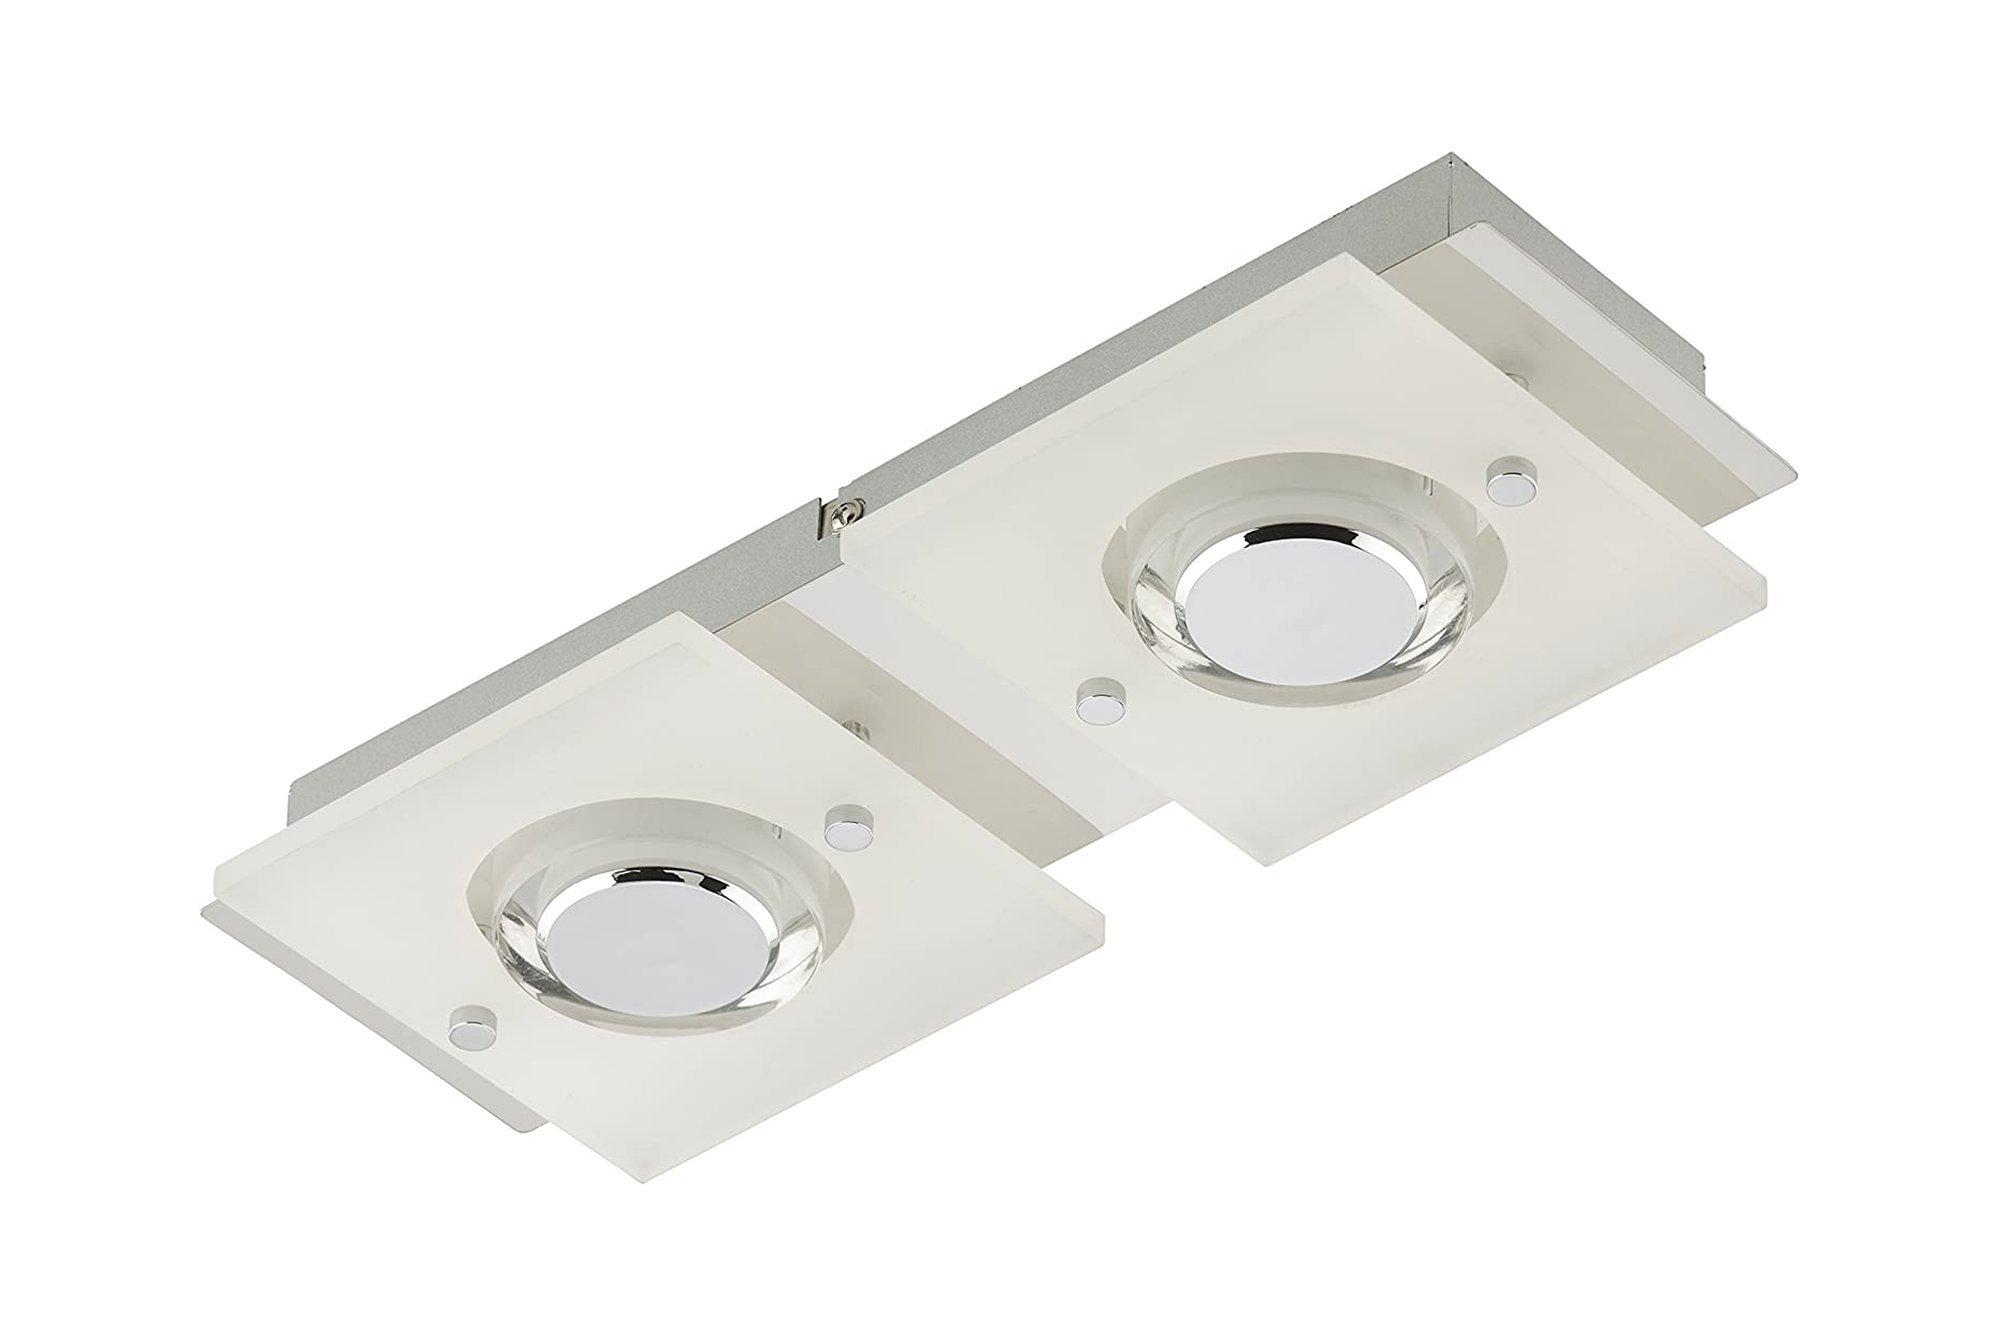 Briloner LED Ceiling Lamp Nickel Chrome Spot Bar 2 Flame Lamp Light 3534-028